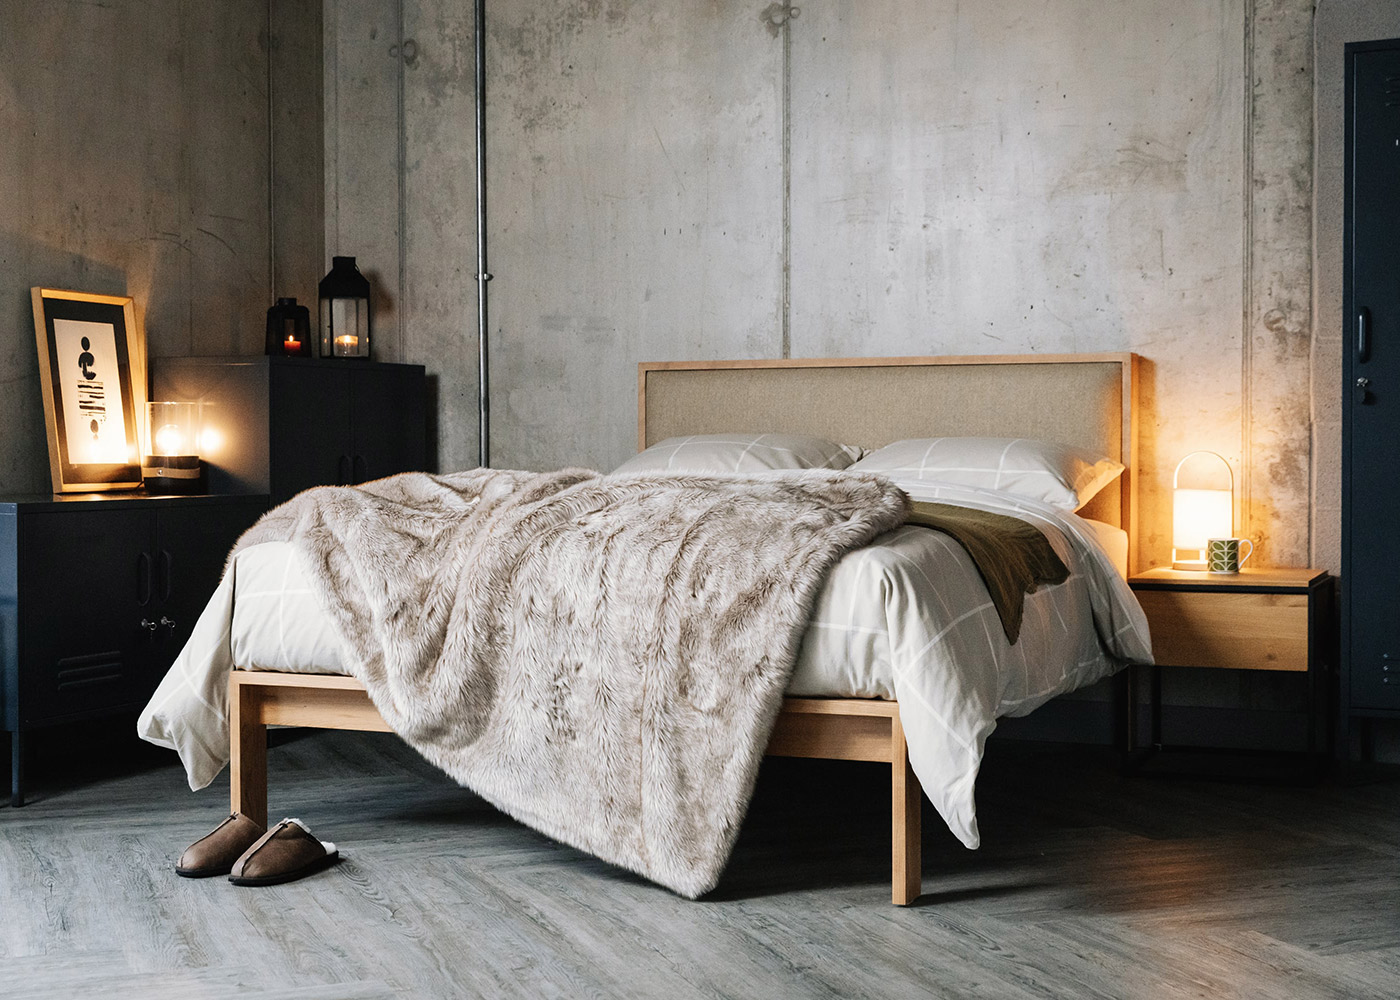 Winter Bedroom Look - Cherry Shetland Bed